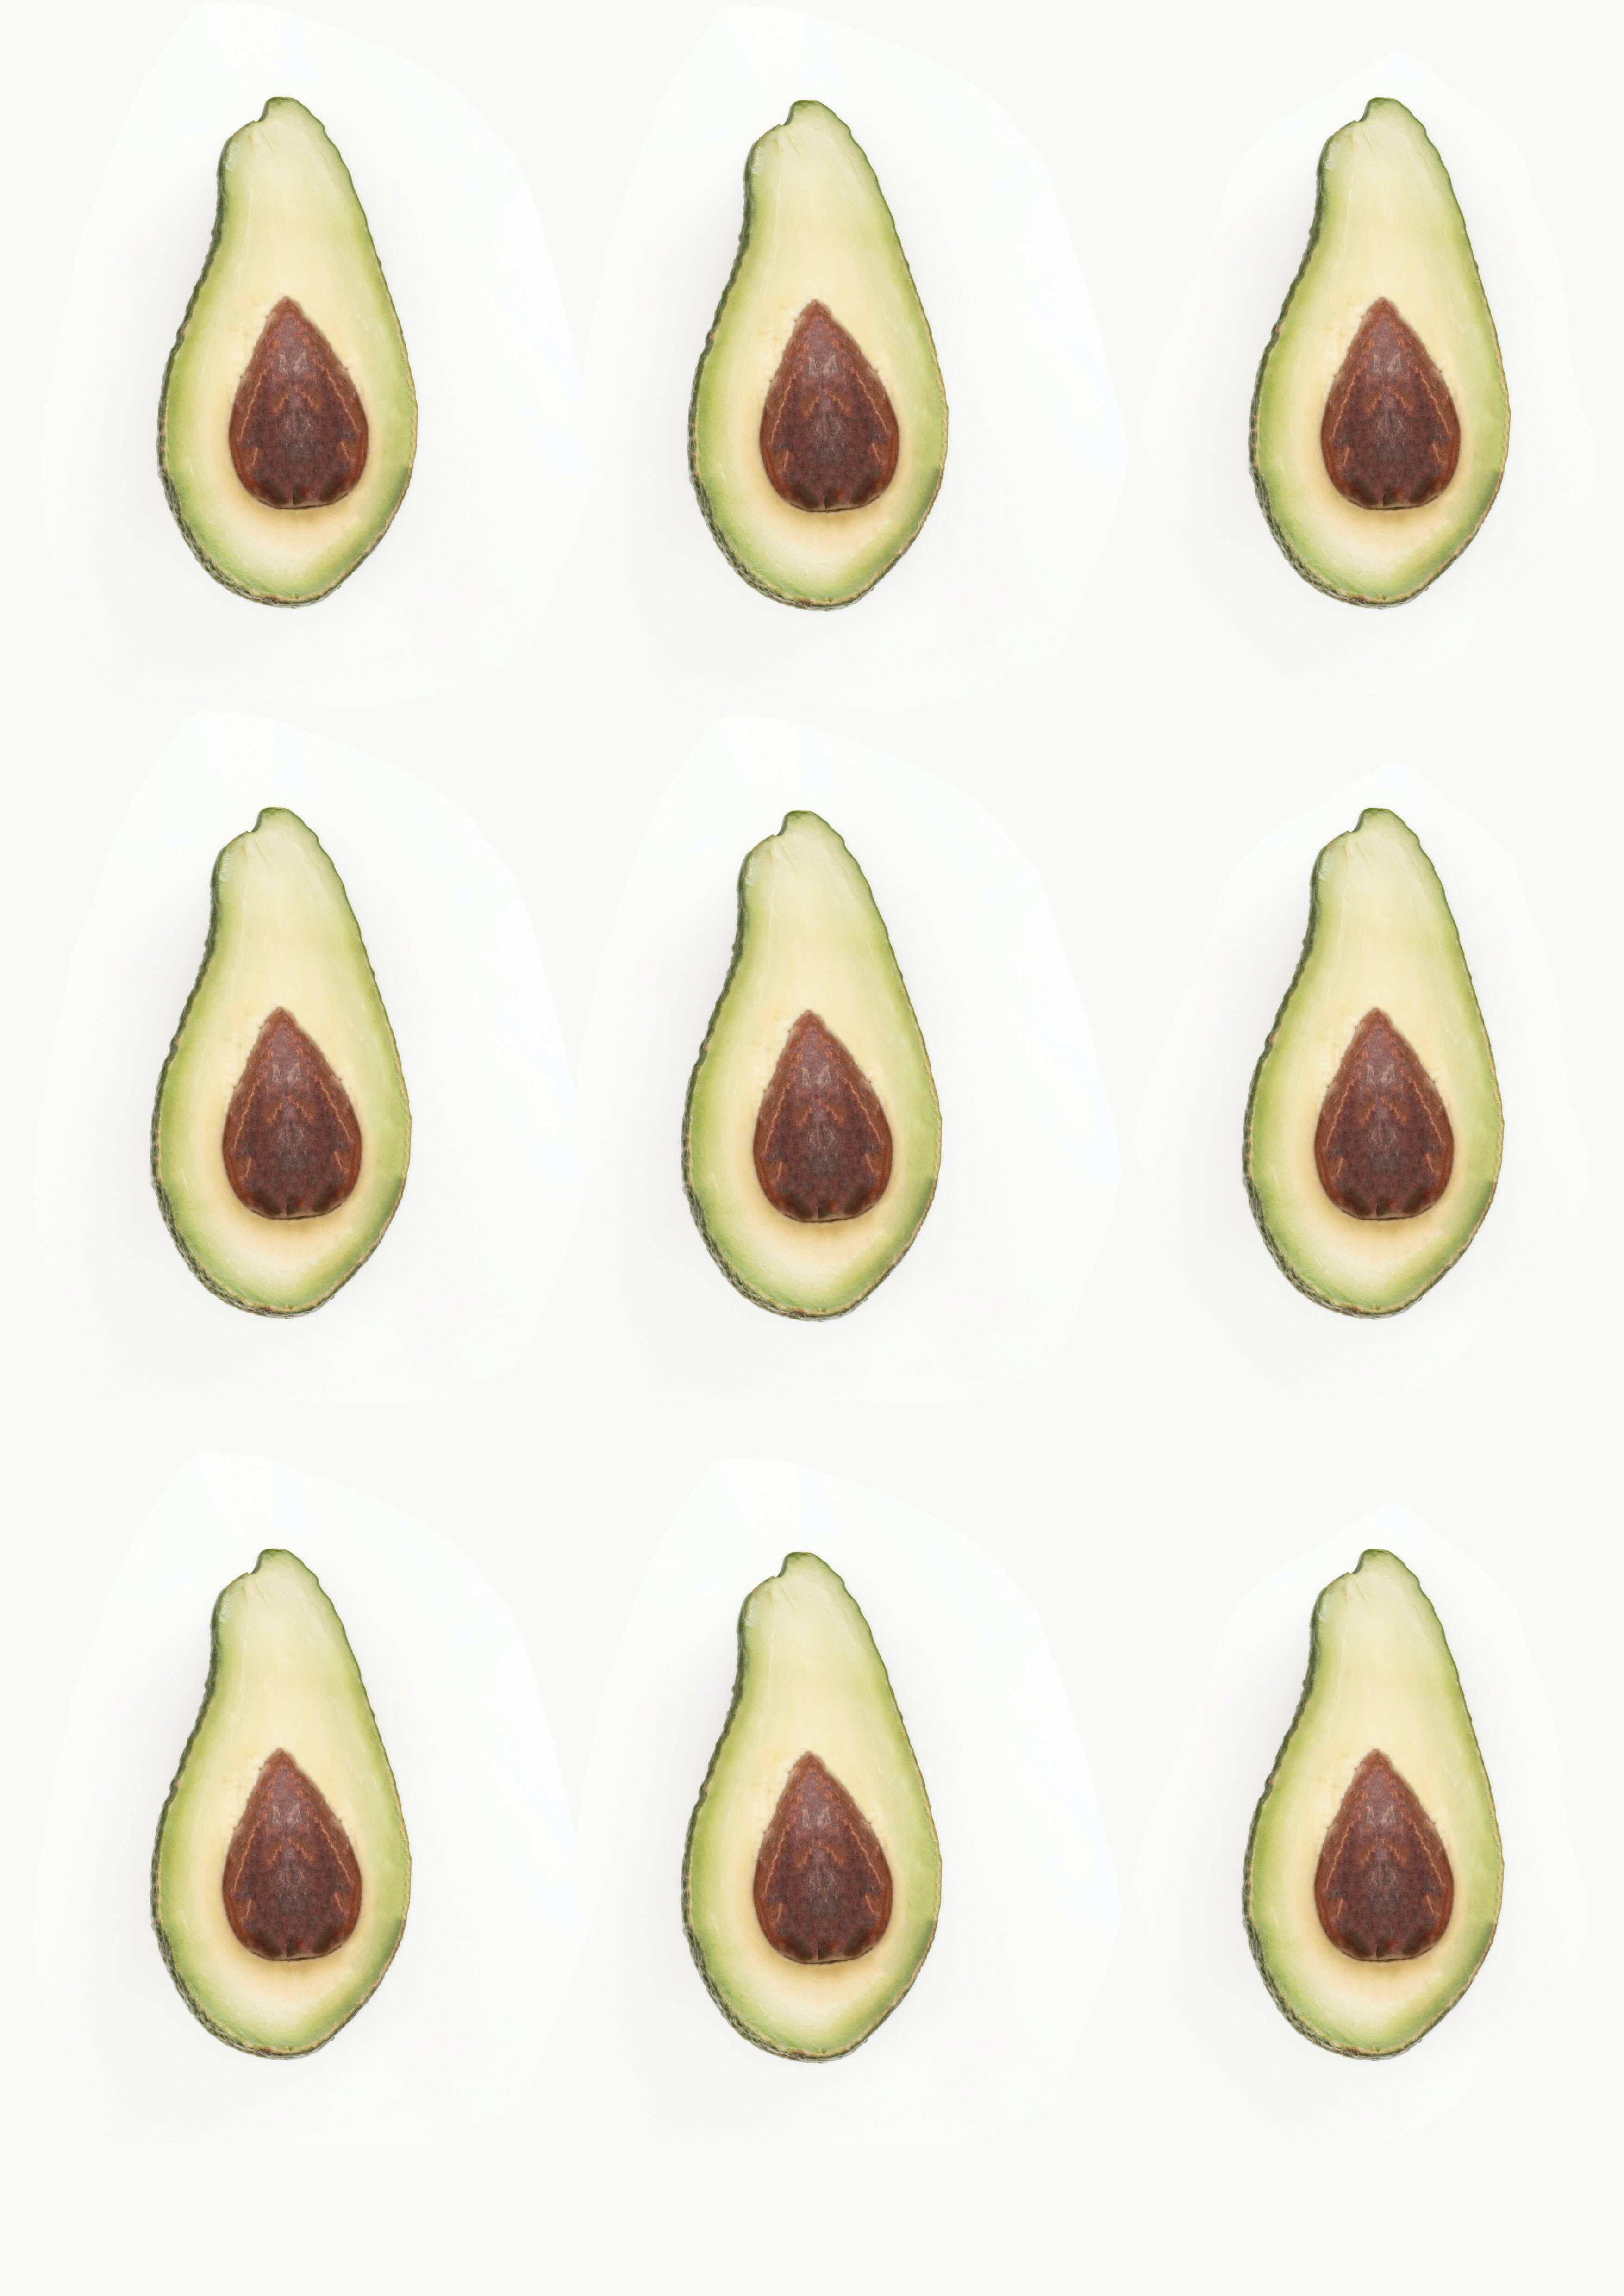 Abacate - Este alimento não é apenas uma boa fonte de gordura, mas é um alimento verdadeiramente benéfico graças ao seu alto teor de vitamina E, B5, potássio e ácido fólico. Melhora o trabalho da vesícula biliar para eliminar toxinas. (Foto: Pexels)